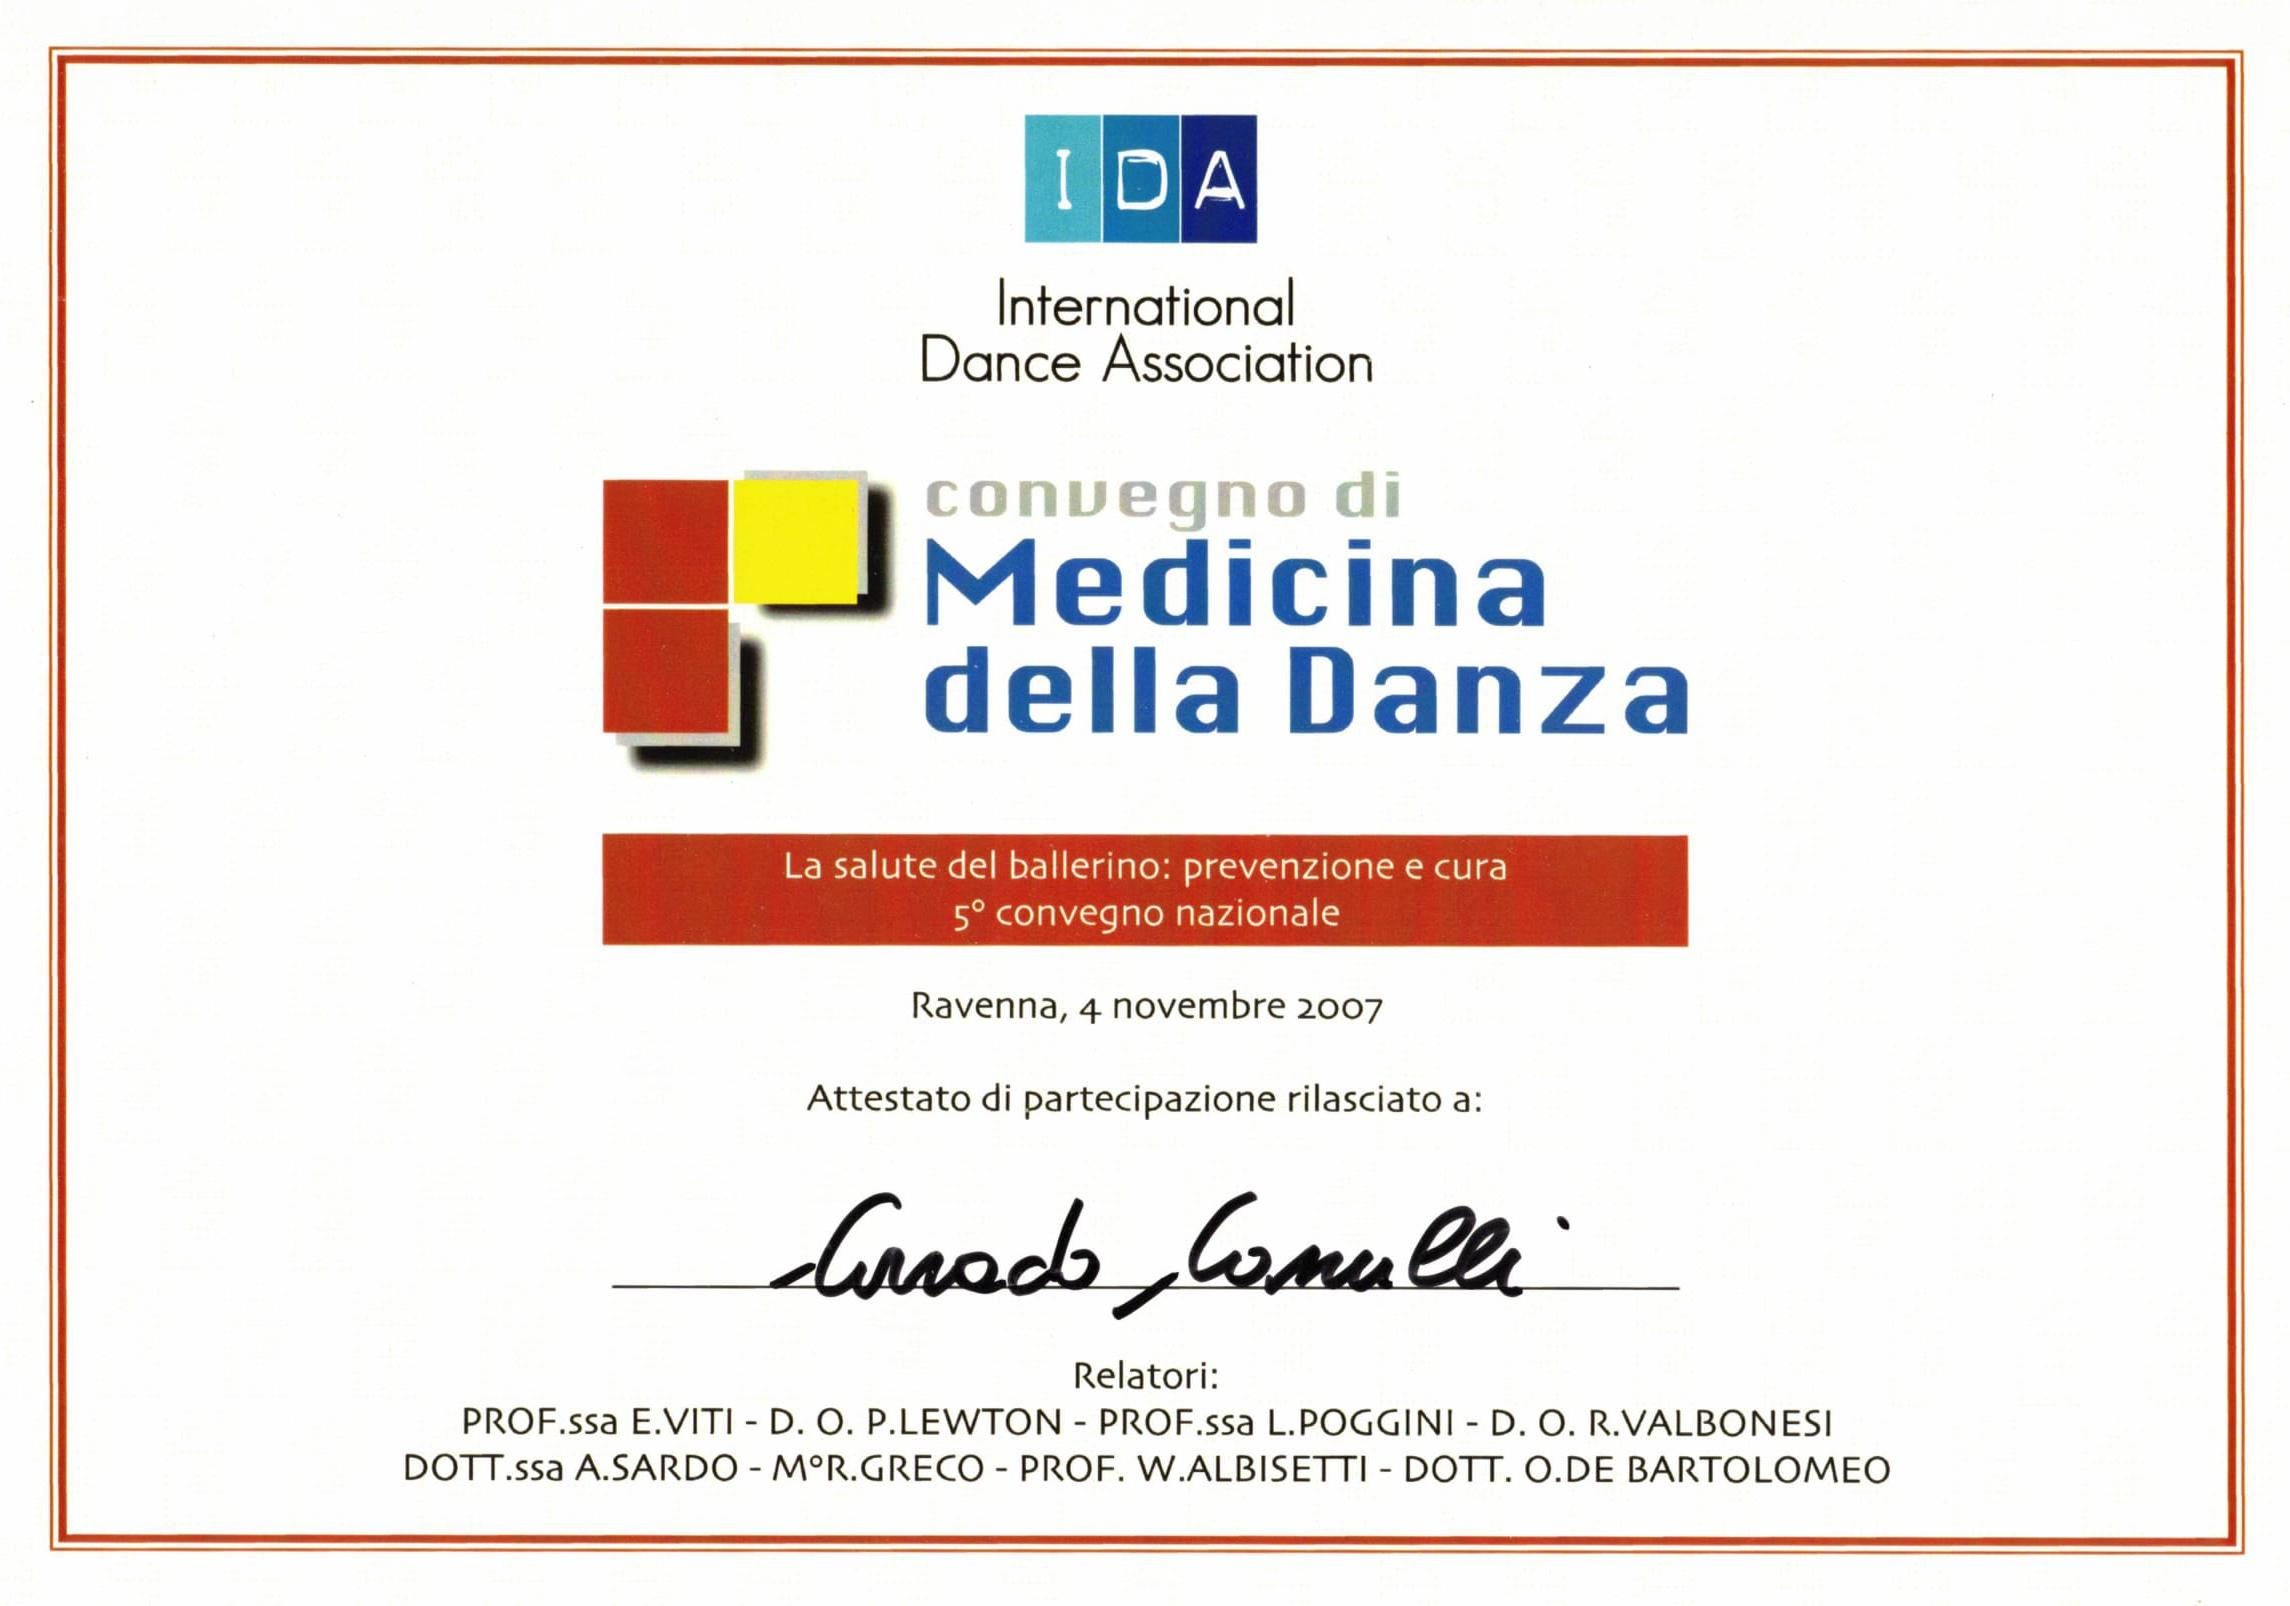 Attestato di partecipazione al convegno Medicina della Danza